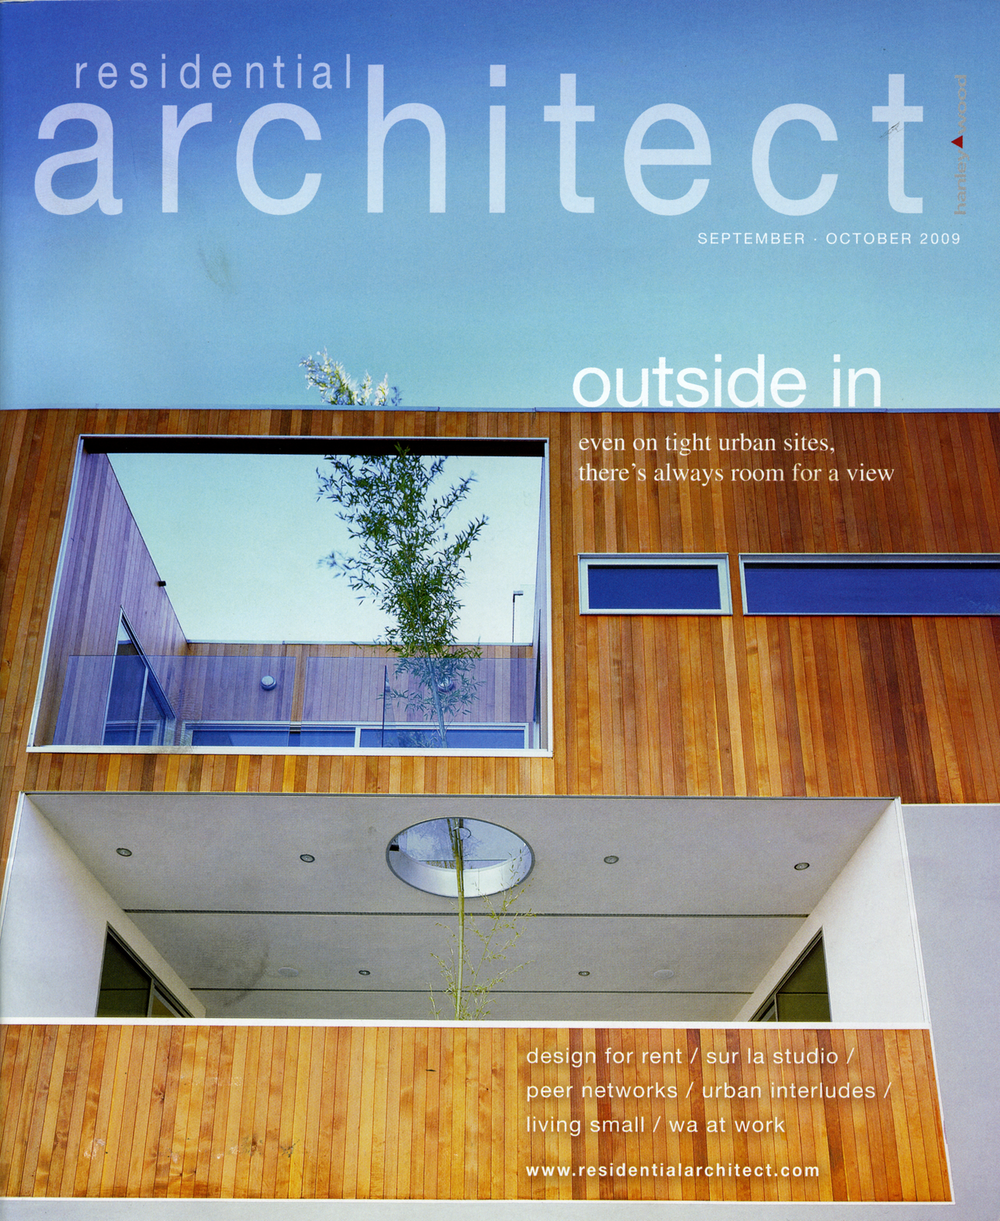 esidential rchitect Magazine — obitailleurtis - ^